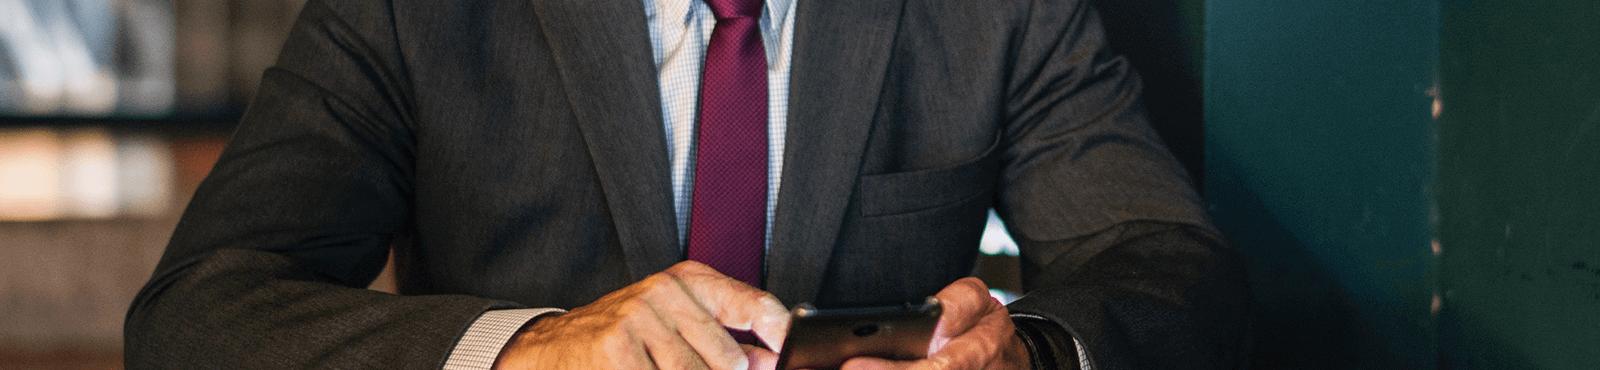 Geduld: GWG-Anschaffungen auf 2018 verschieben